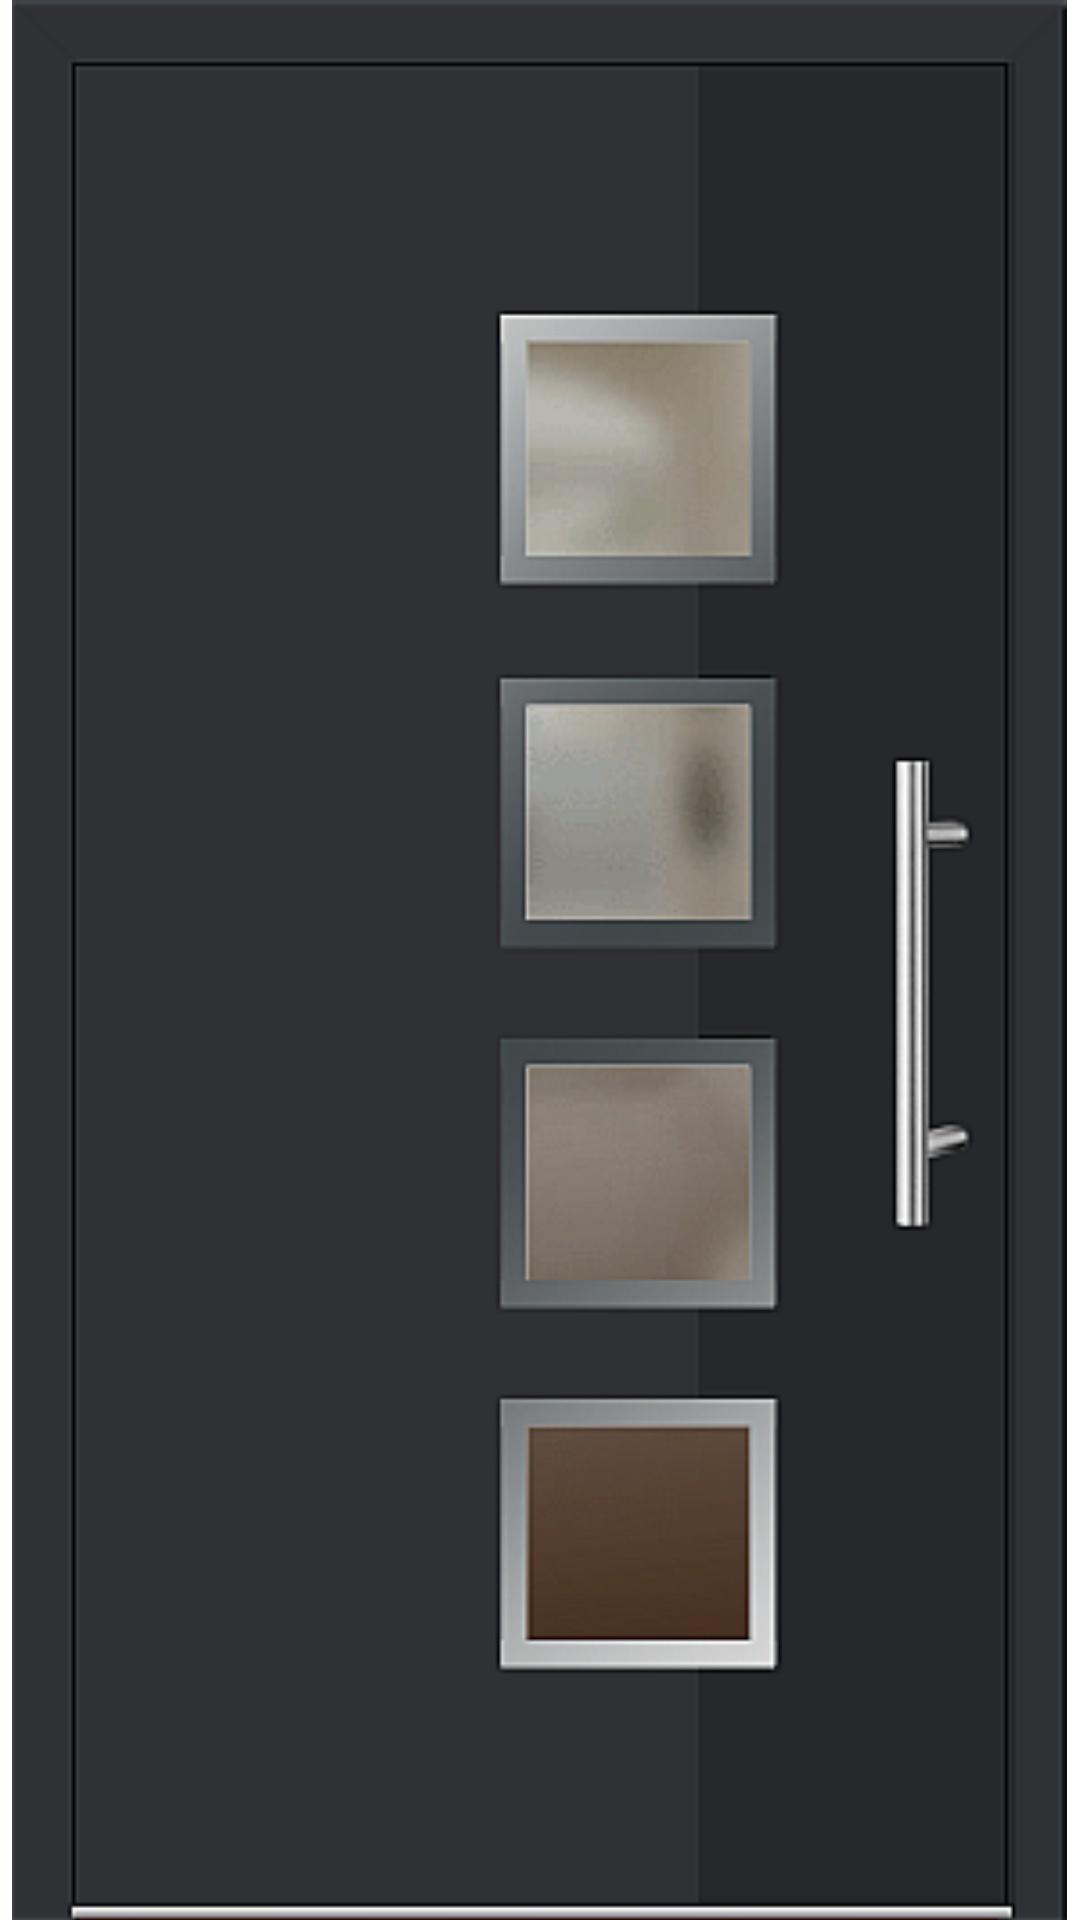 Kunststoff Haustür Modell 6194-78 schwarz